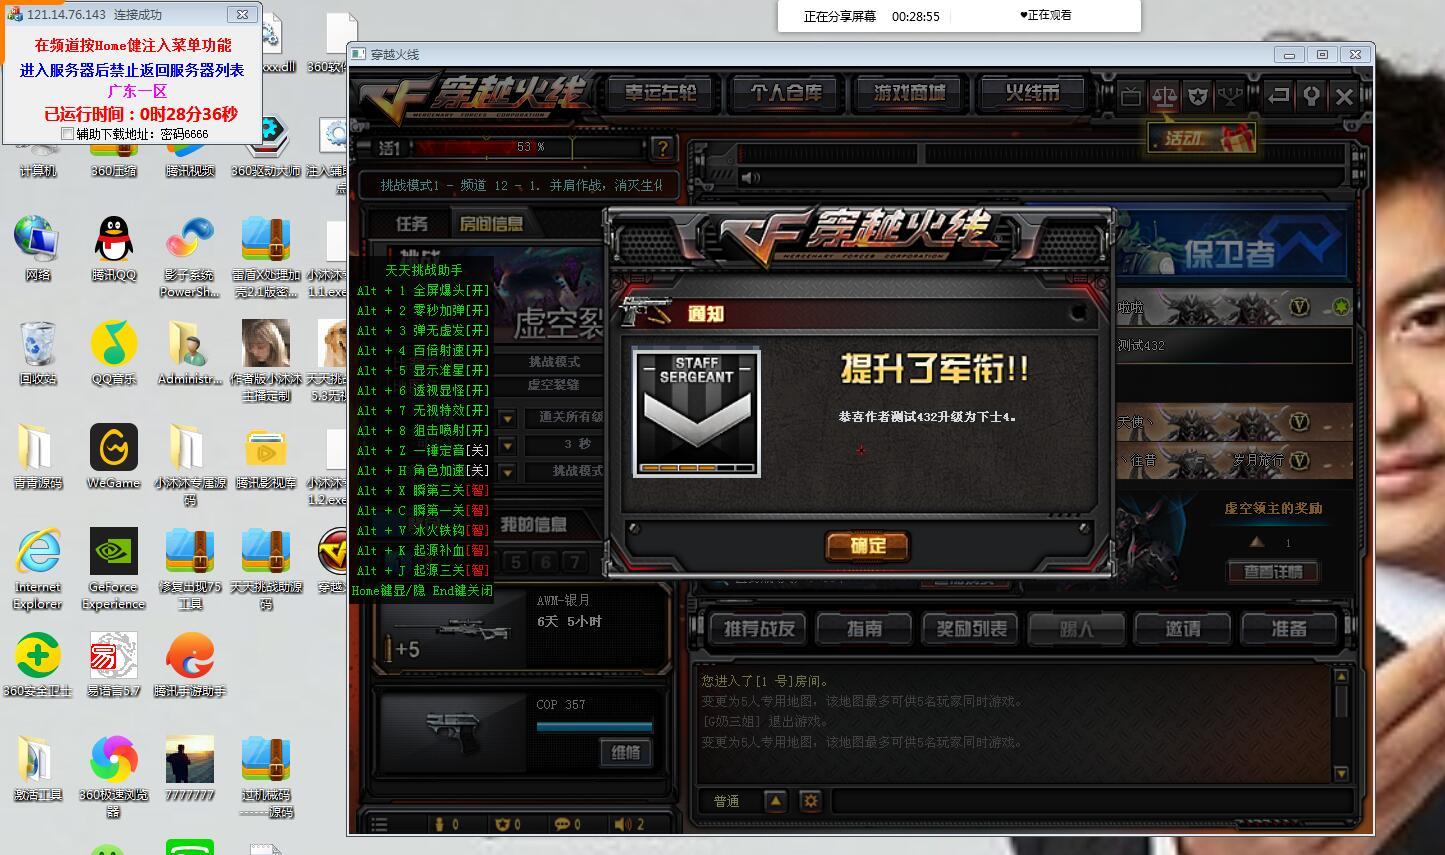 CF天天挑战秒杀辅助工具破解版v2.3